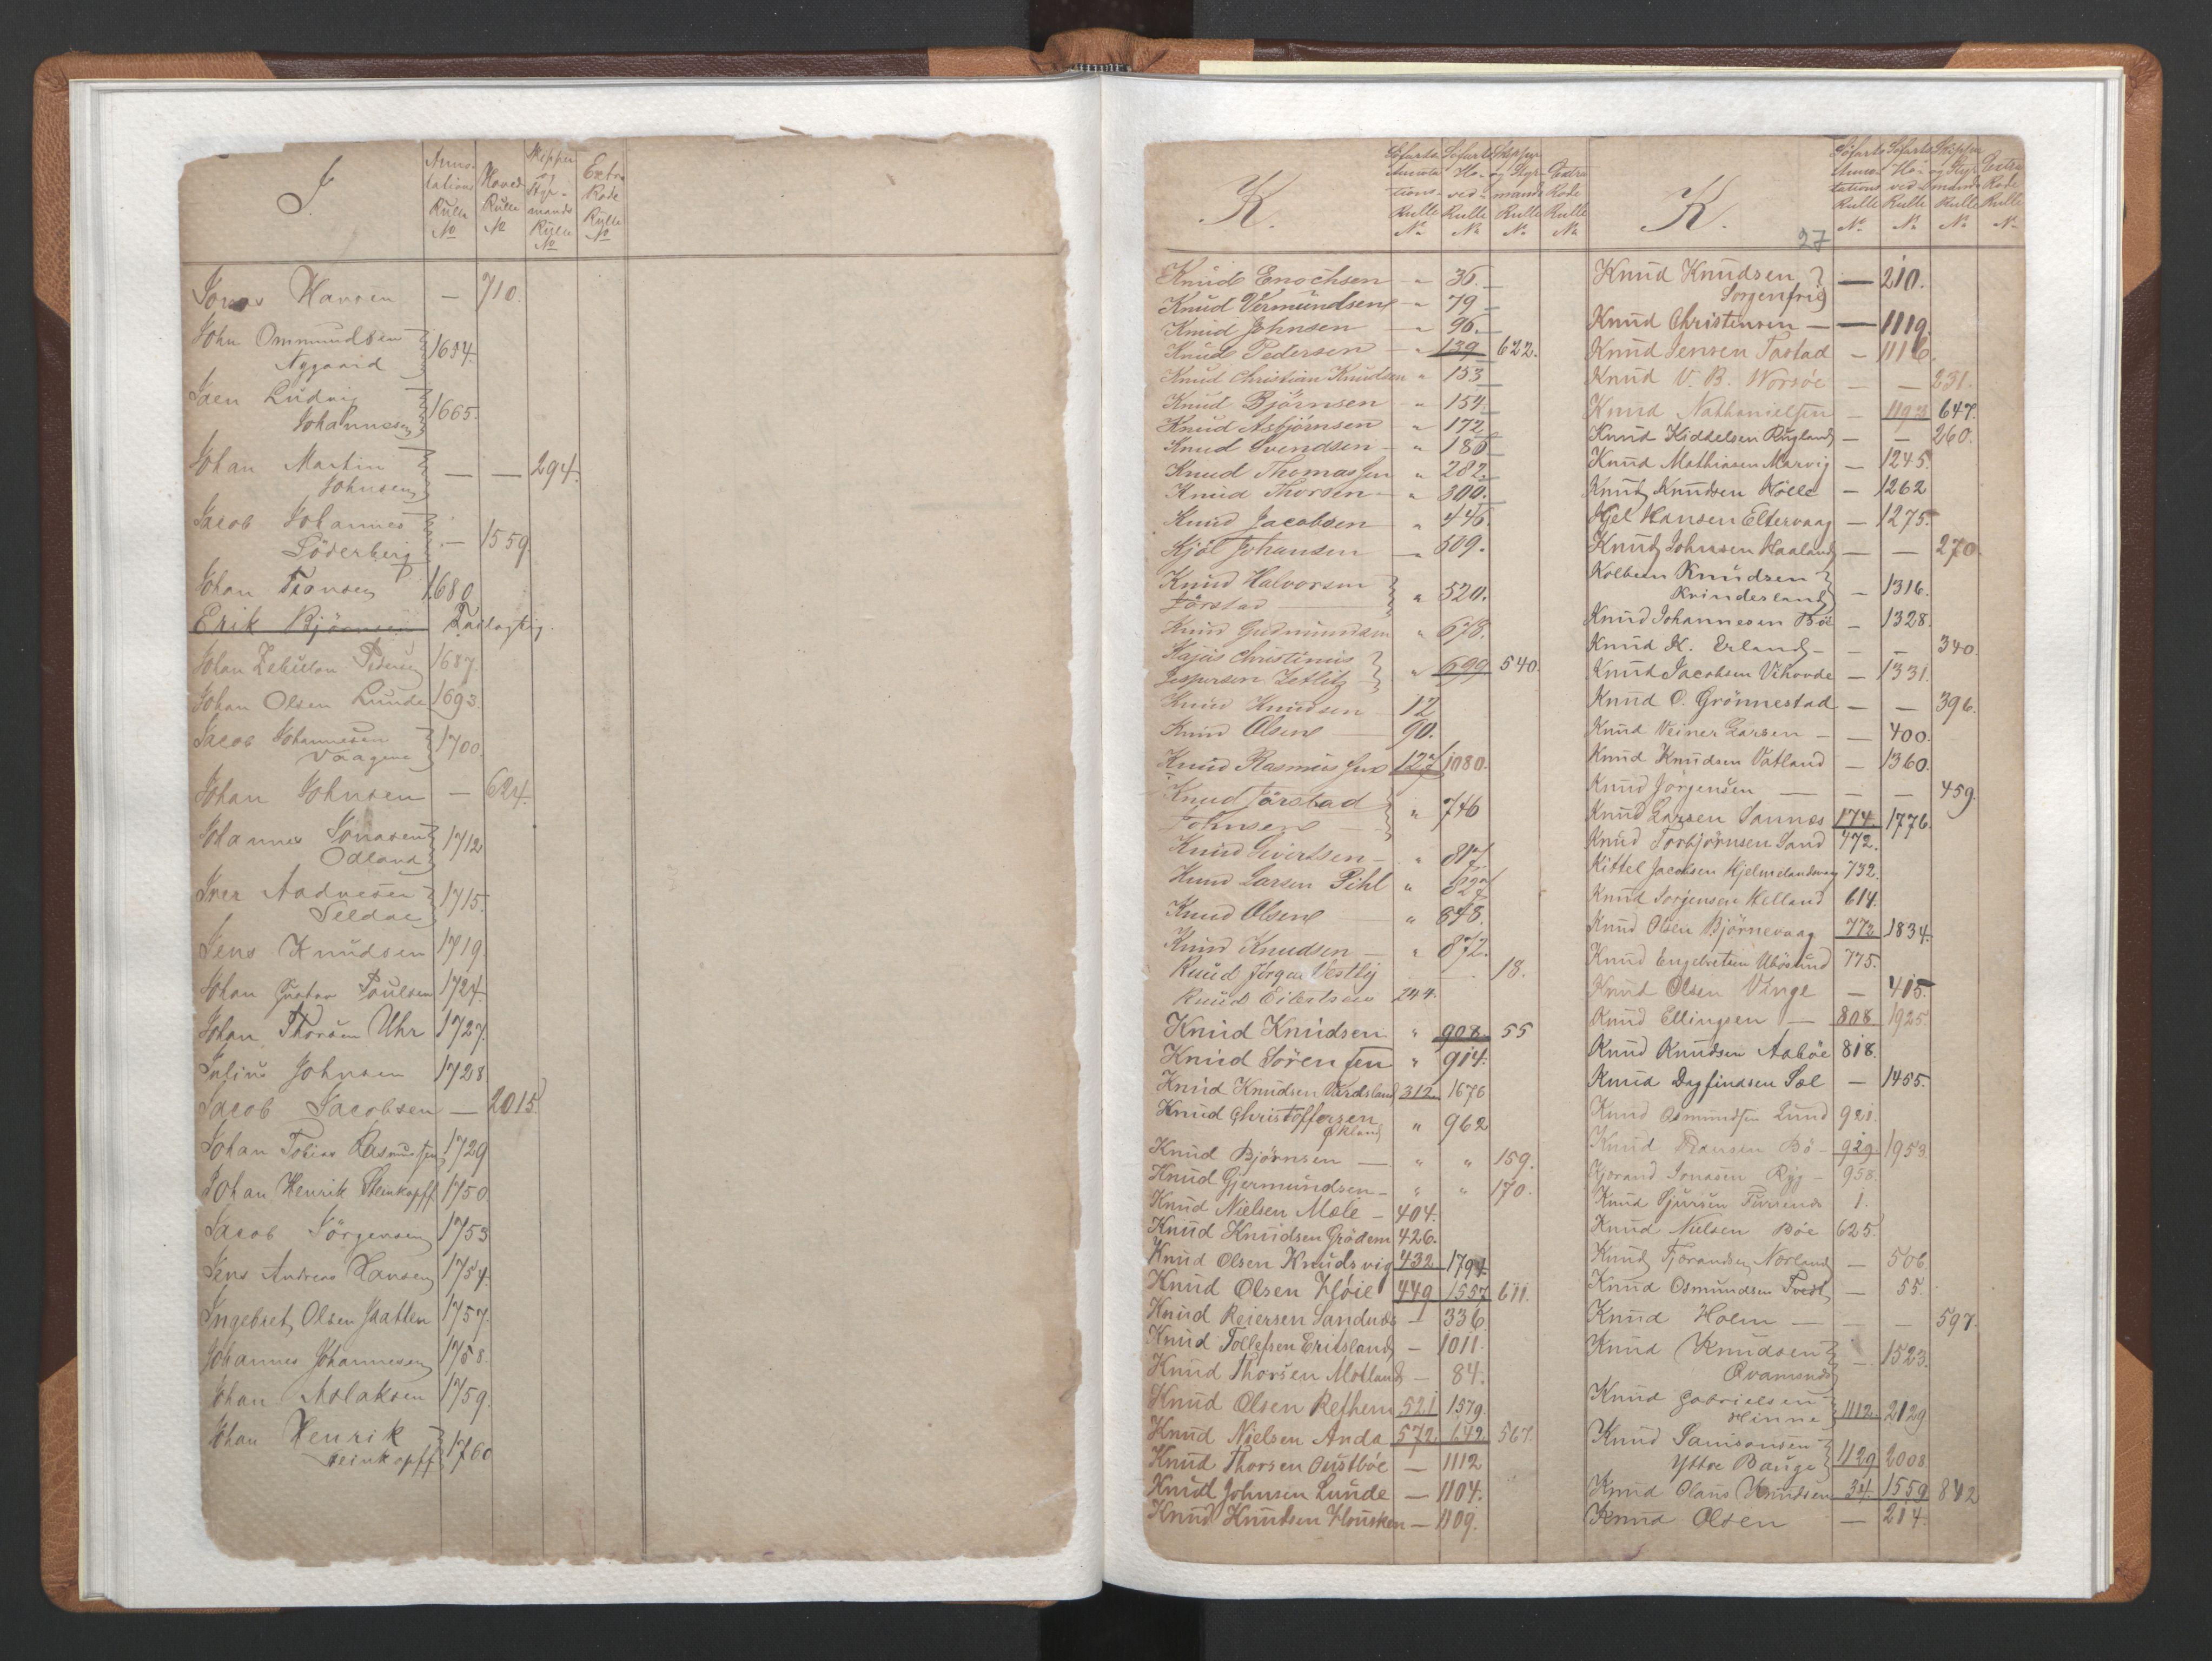 SAST, Stavanger sjømannskontor, F/Fb/Fba/L0002: Navneregister sjøfartsruller, 1860-1869, s. 28